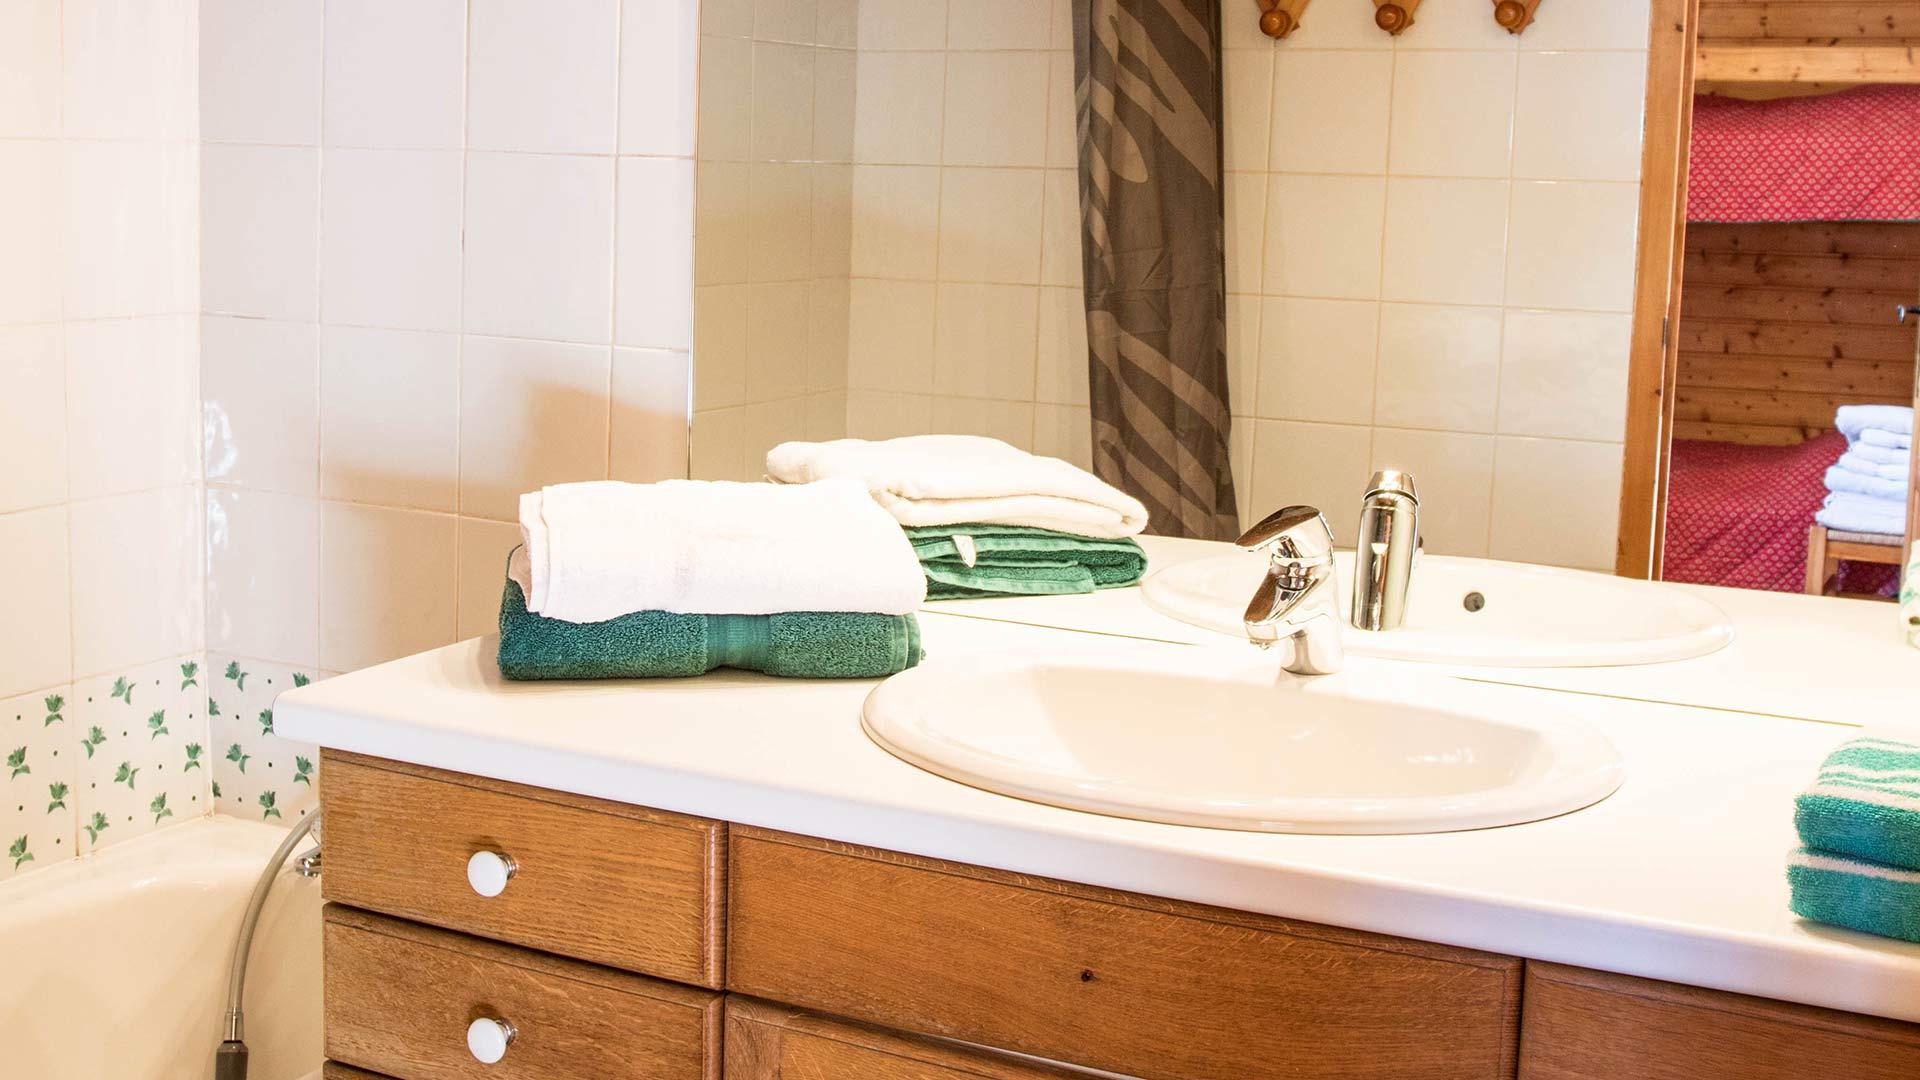 chavonnes-salle-de-bains